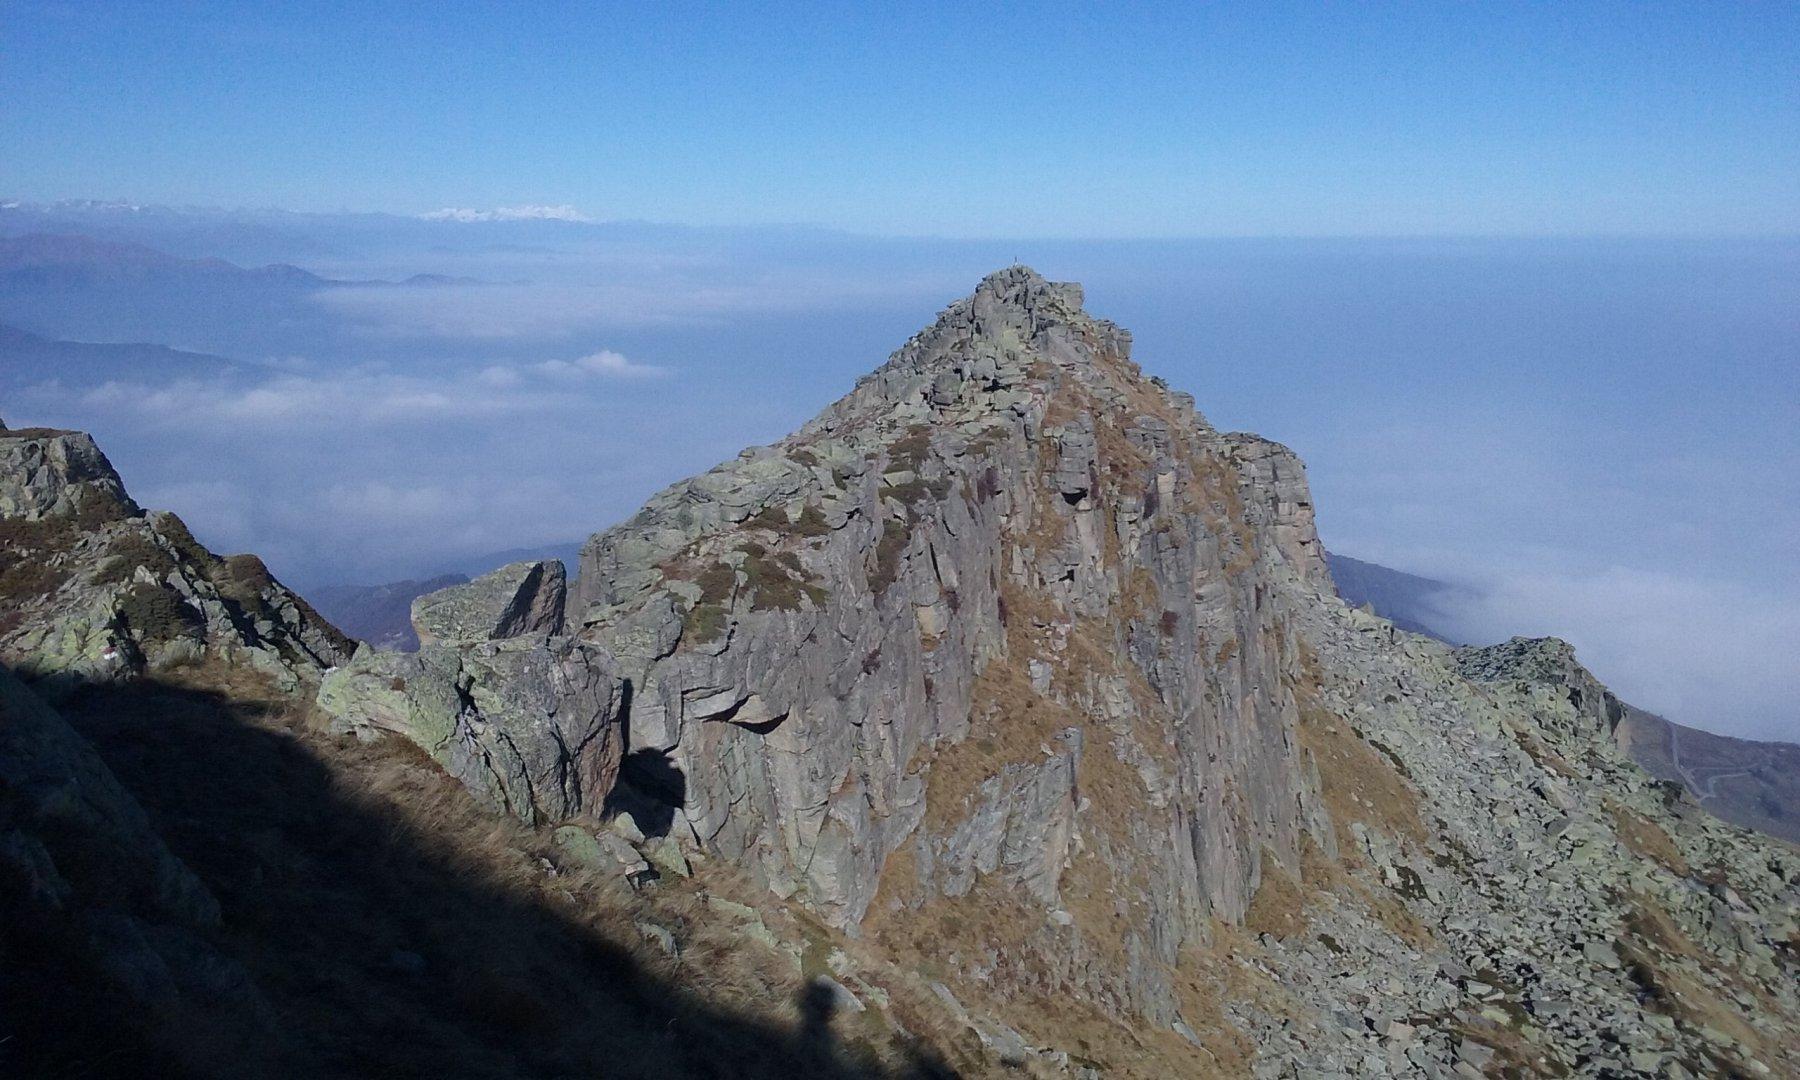 Ostanetta (Punta), Punta dal Razil, PuntaRumella da Meire Durandini 2016-11-01